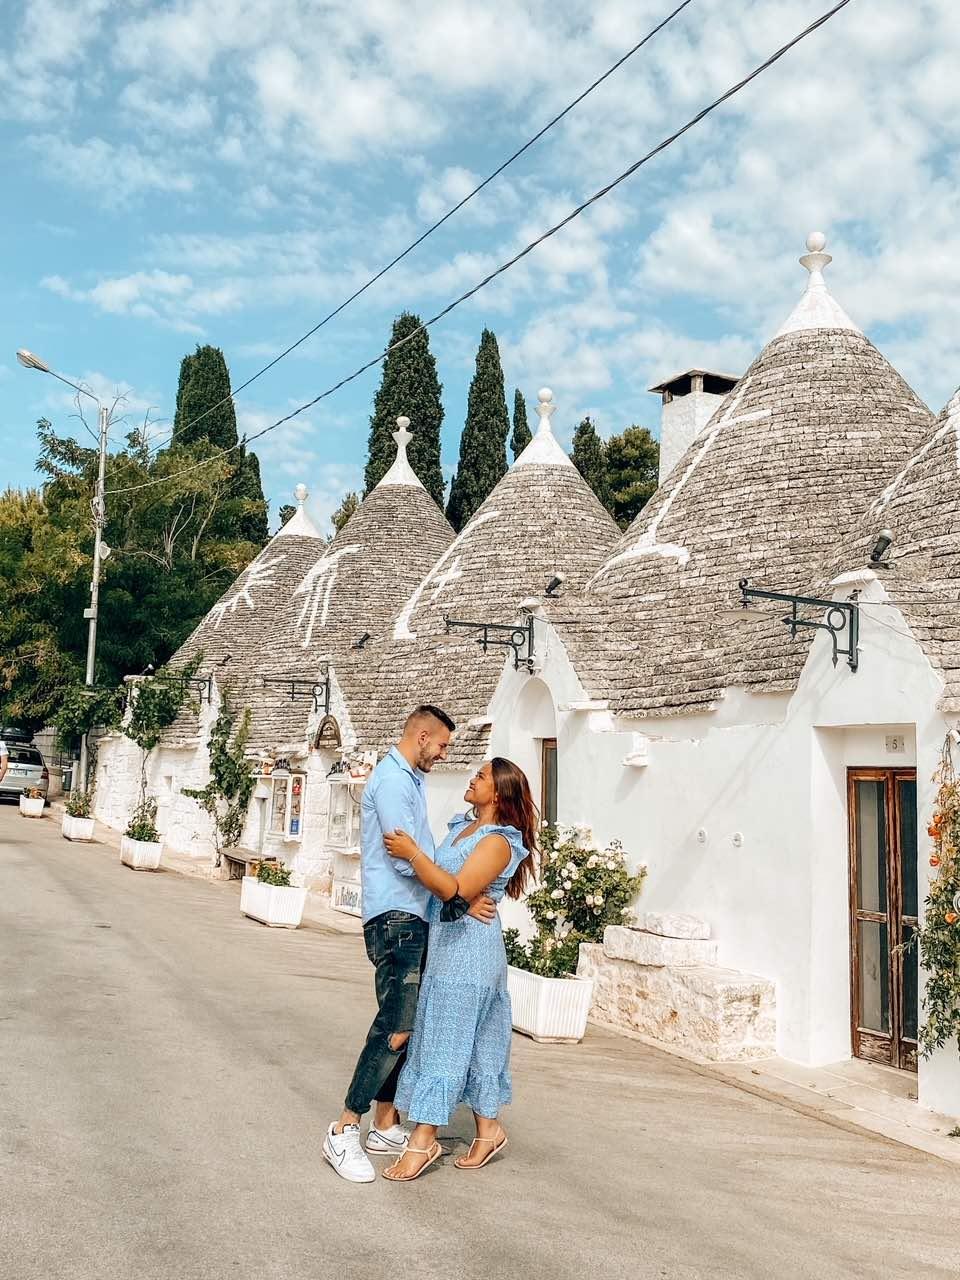 Innamorati si guardano in una via piena di trulli ad Alberobello in Puglia